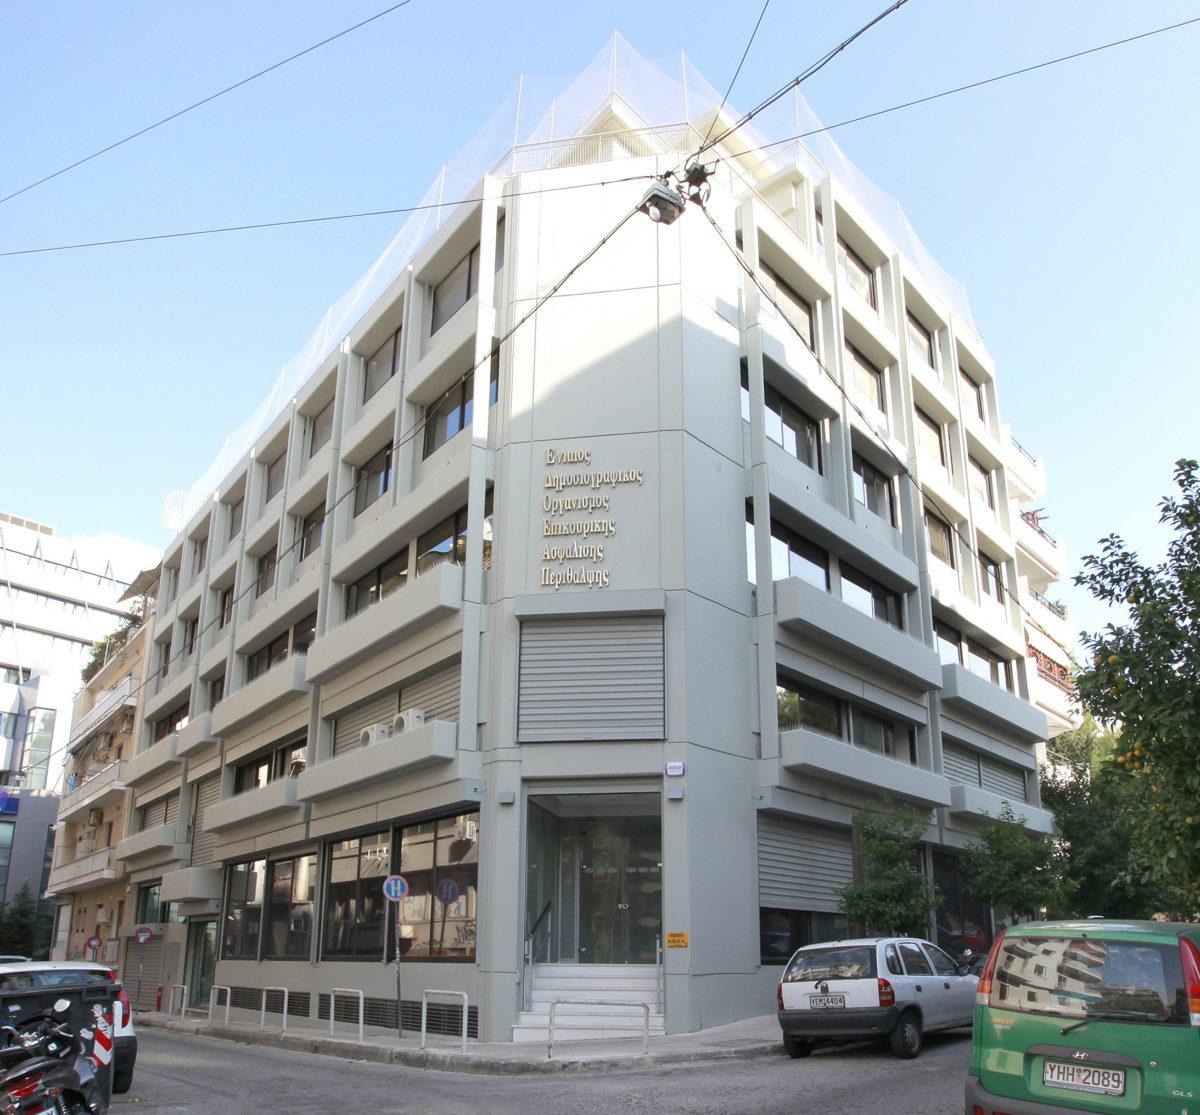 Πρόσκληση Εκδήλωσης Ενδιαφέροντος για υποβολή Αρχιτεκτονικής Μελέτης σχετικά με την παροχή υπηρεσιών Επισκευής και Αναδιαρρύθμισης κτιρίων ΕΔΟΕΑΠ στην Αθήνα